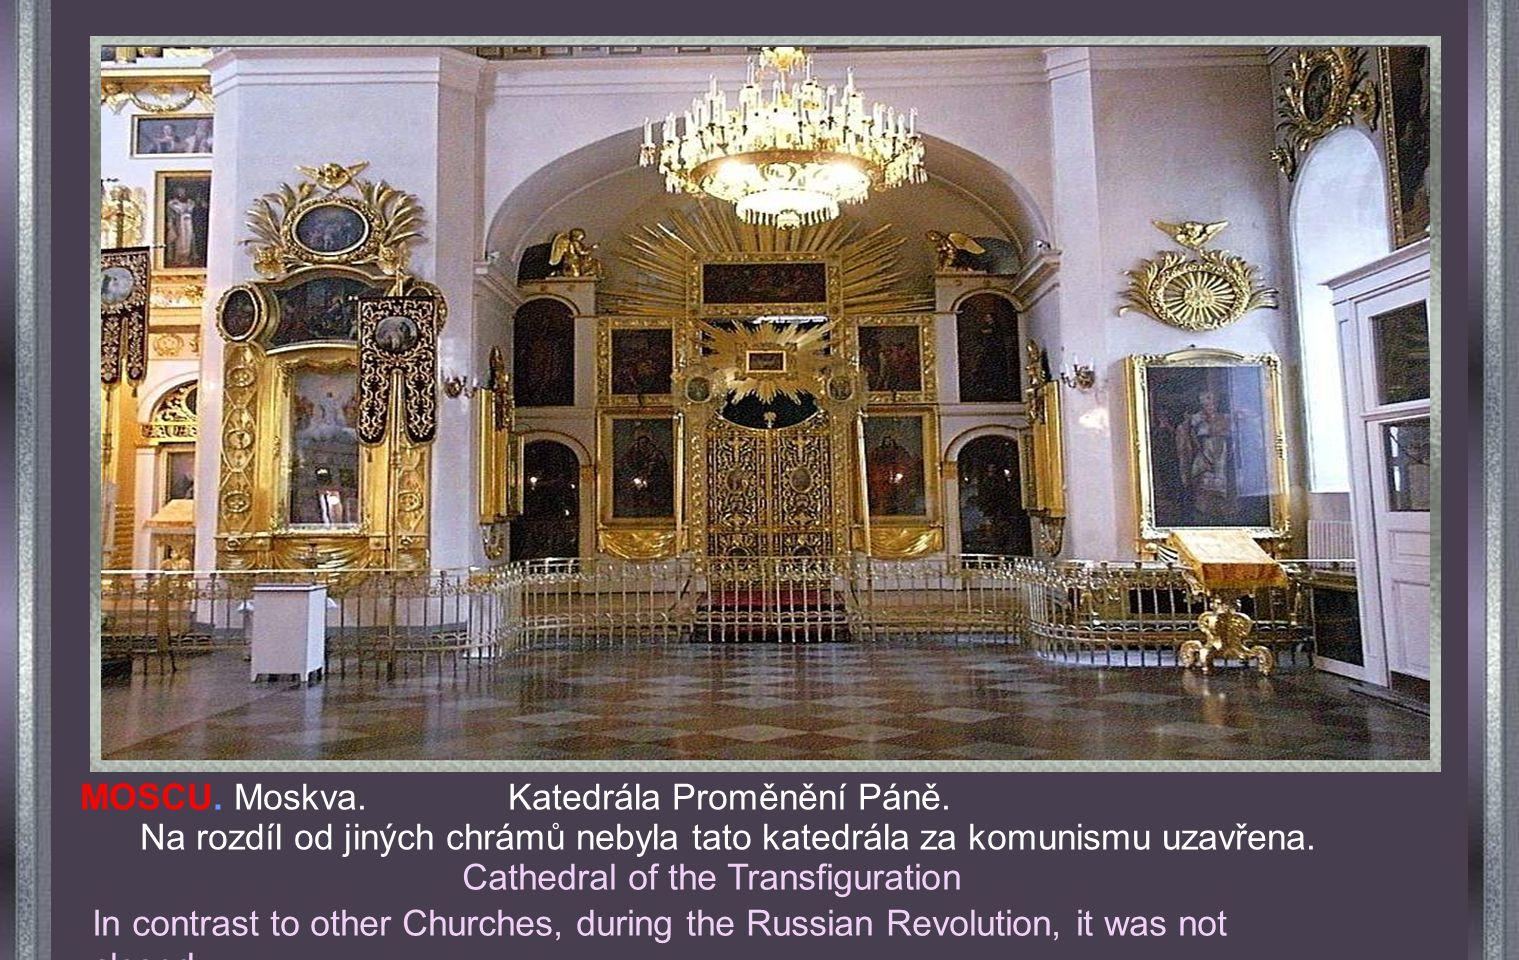 MOSCU. Moskva. Katedrála sv. Ludvíka. MOSCOW. St. Louis Cathedral